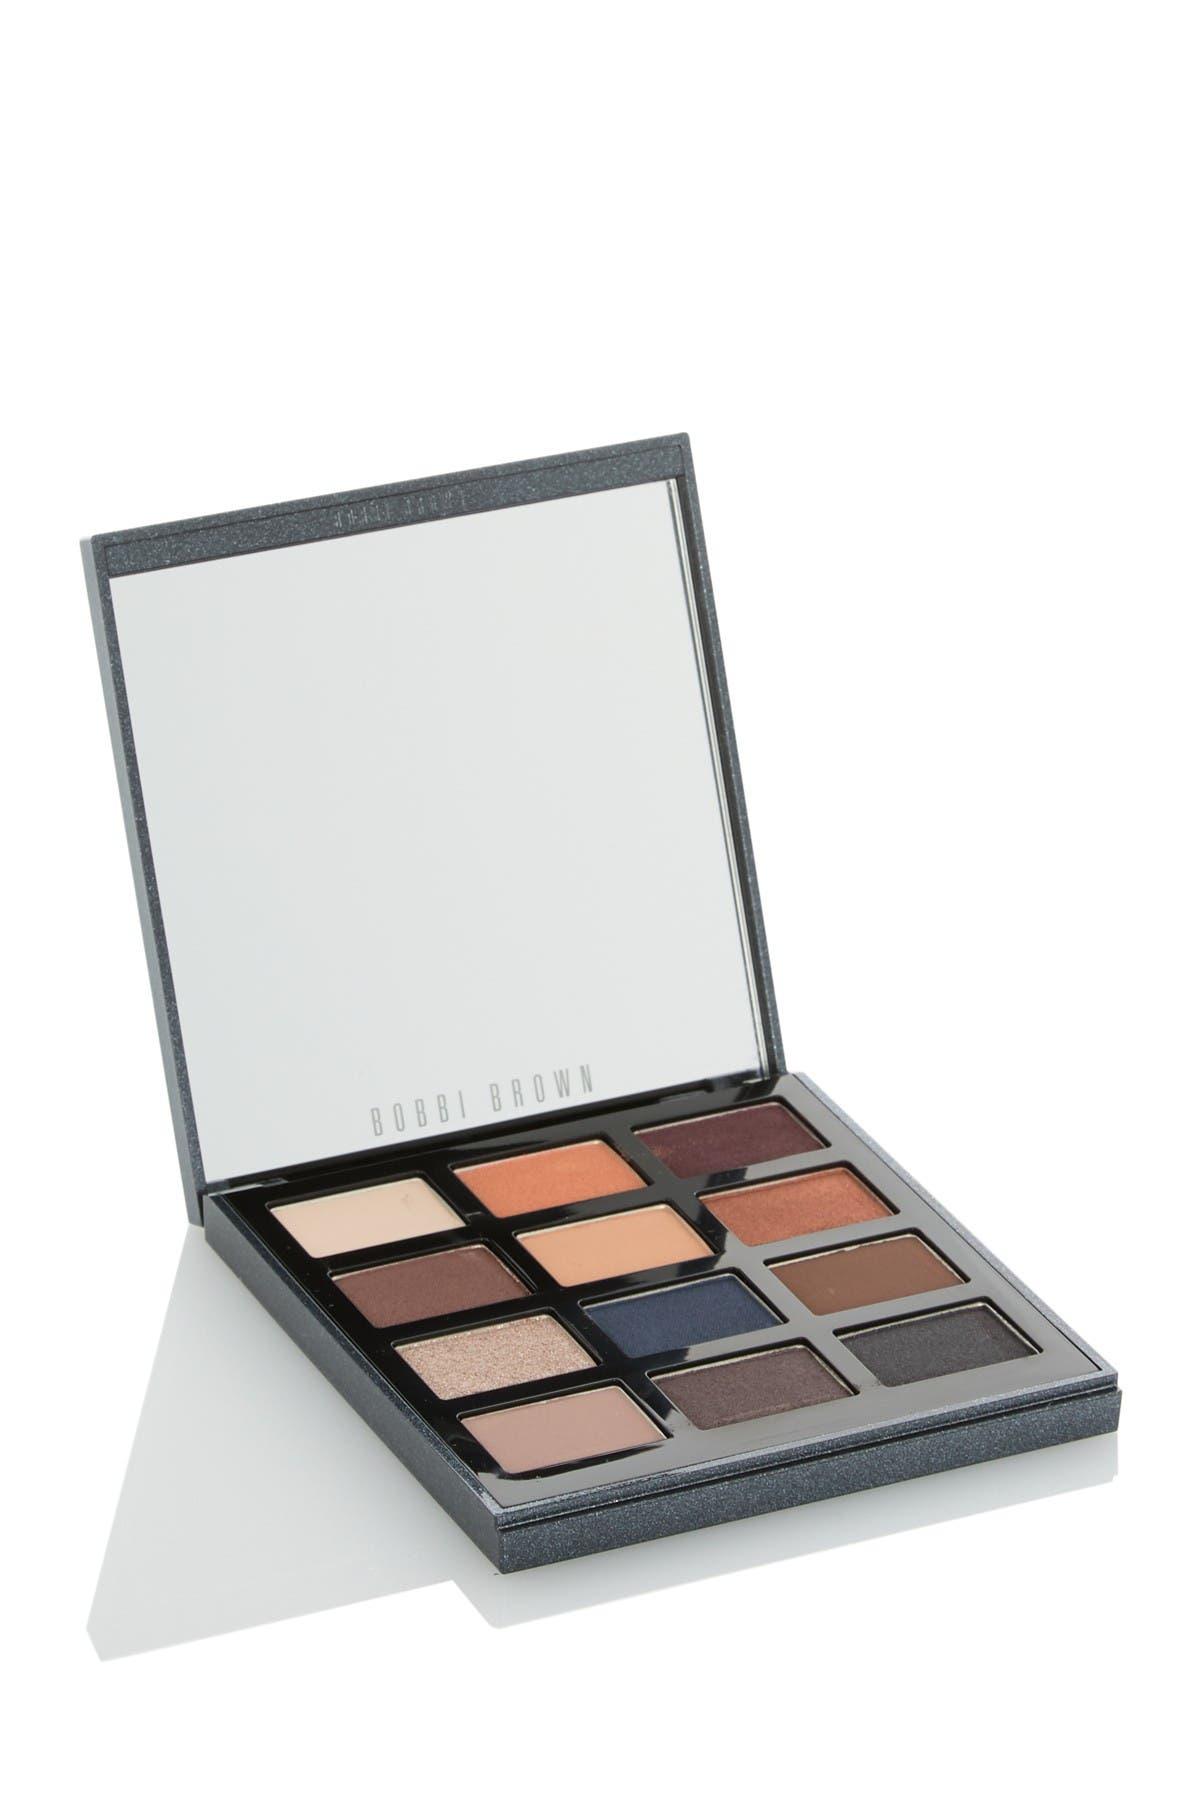 Image of Bobbi Brown Night Drama Eyeshadow Palette